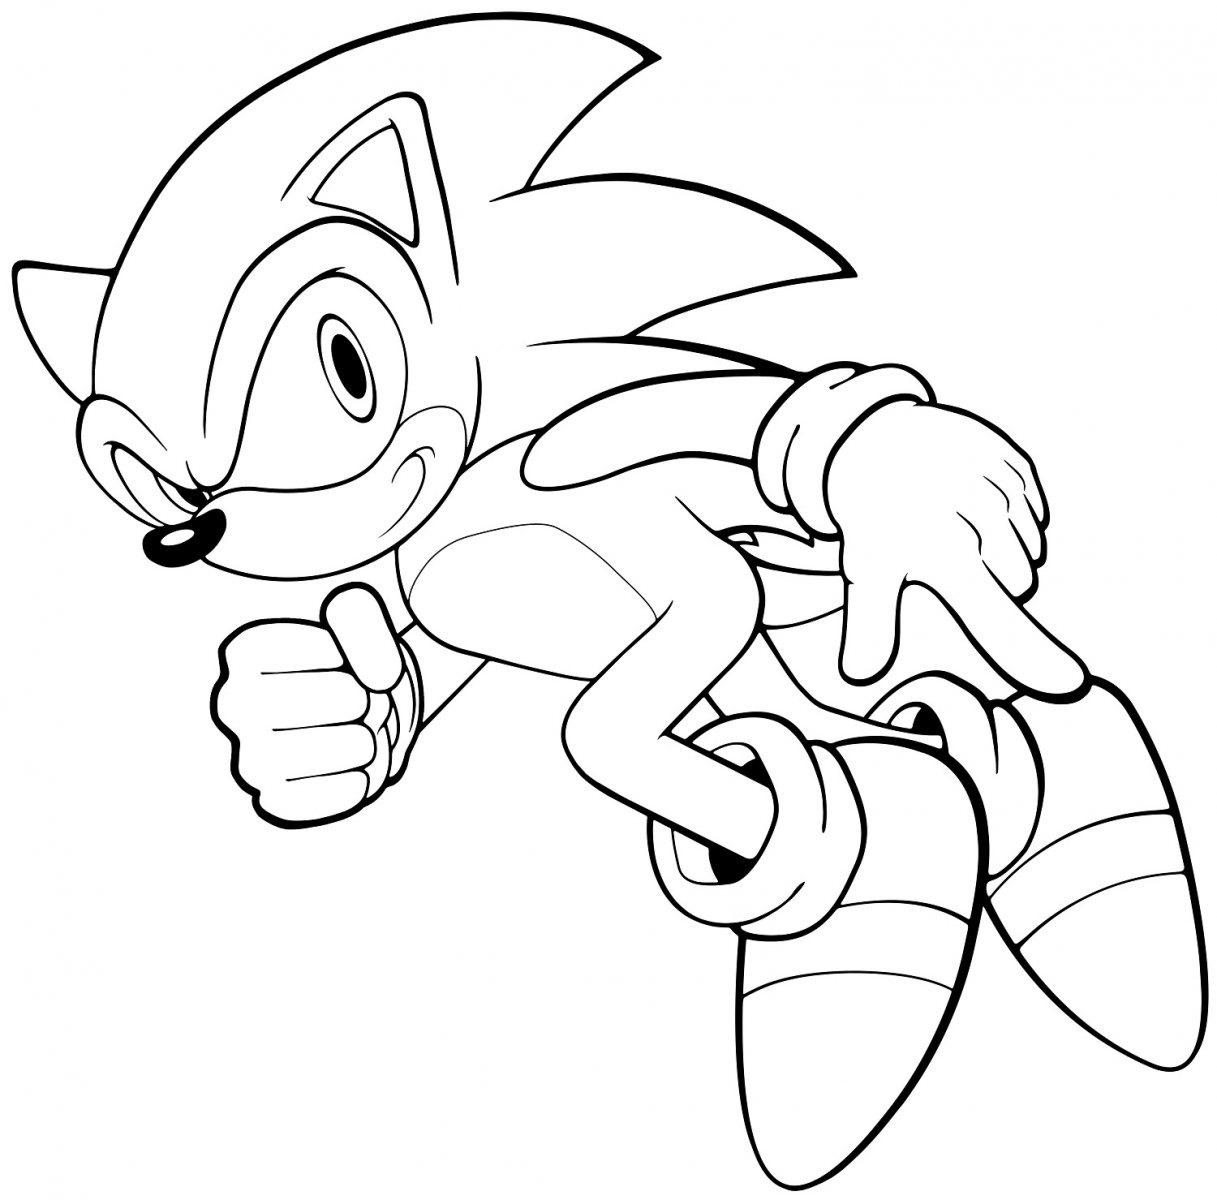 Sonic Para Colorir E Imprimir Muito Facil Colorir E Pintar